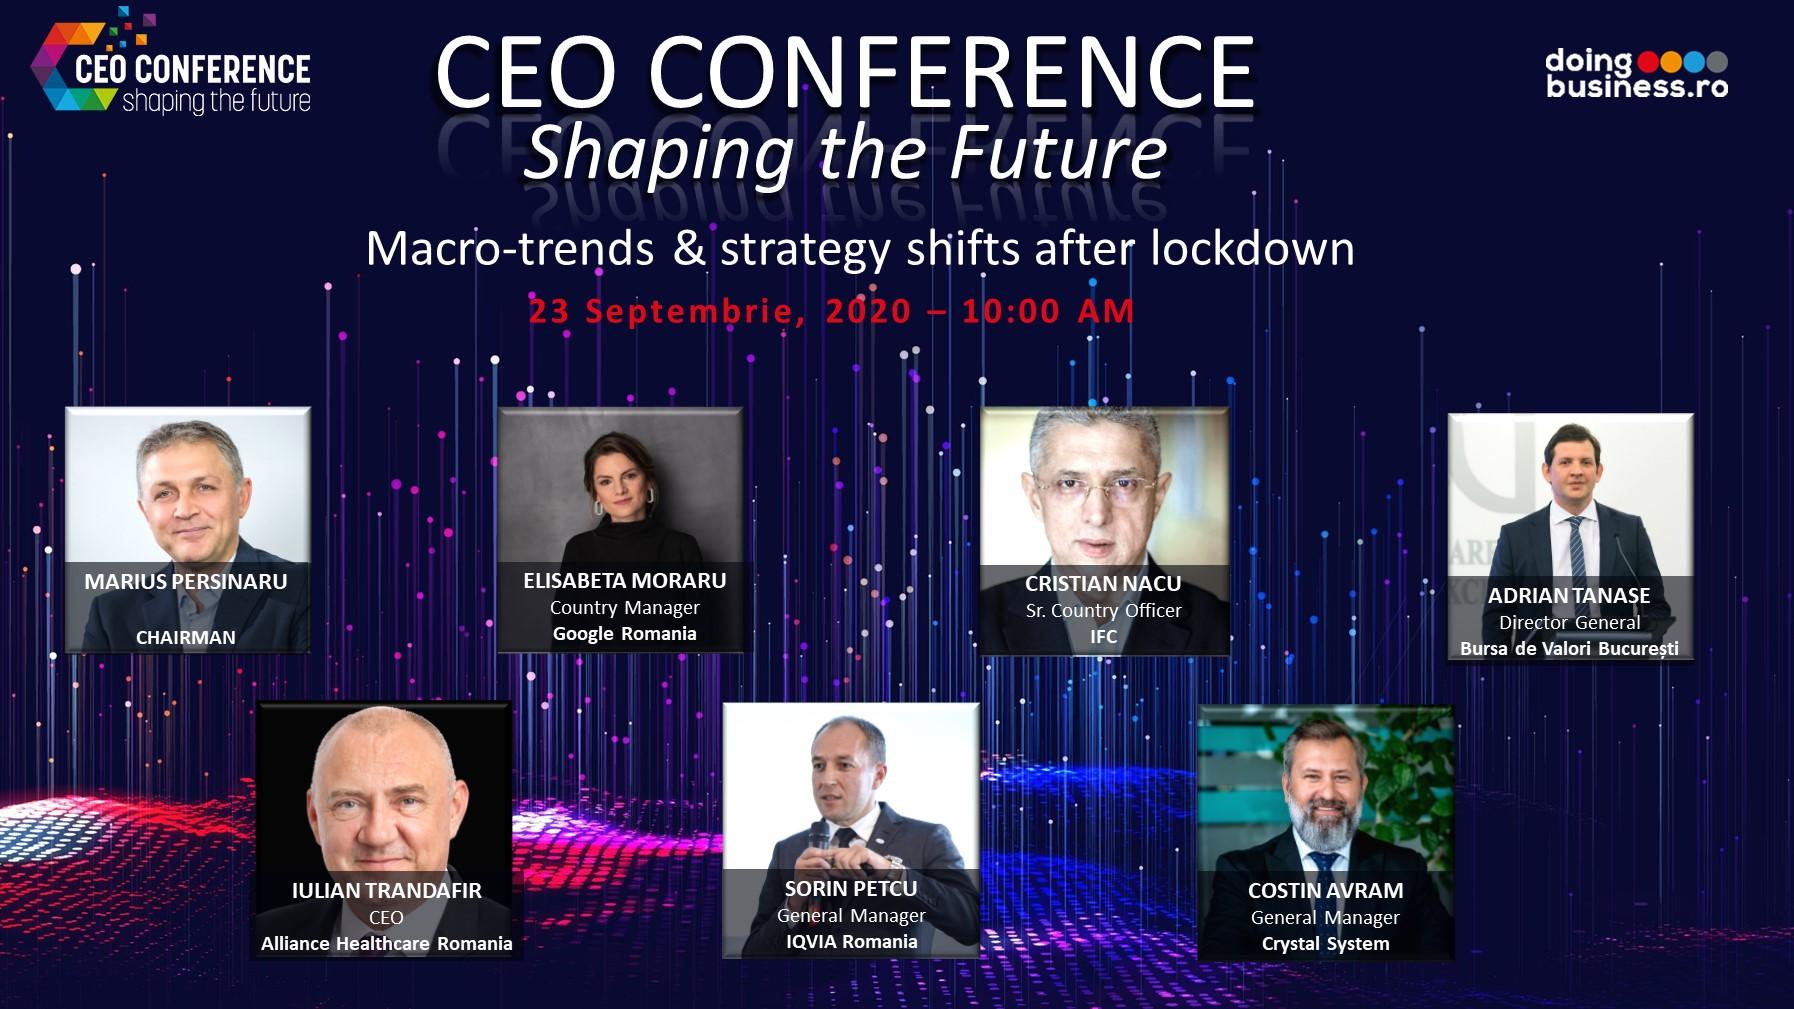 """Care sunt tendintele si directiile de business si ce schimbari de strategie pregatesc liderii marilor companii din Romania pentru adaptarea la """"noua normalitate"""""""